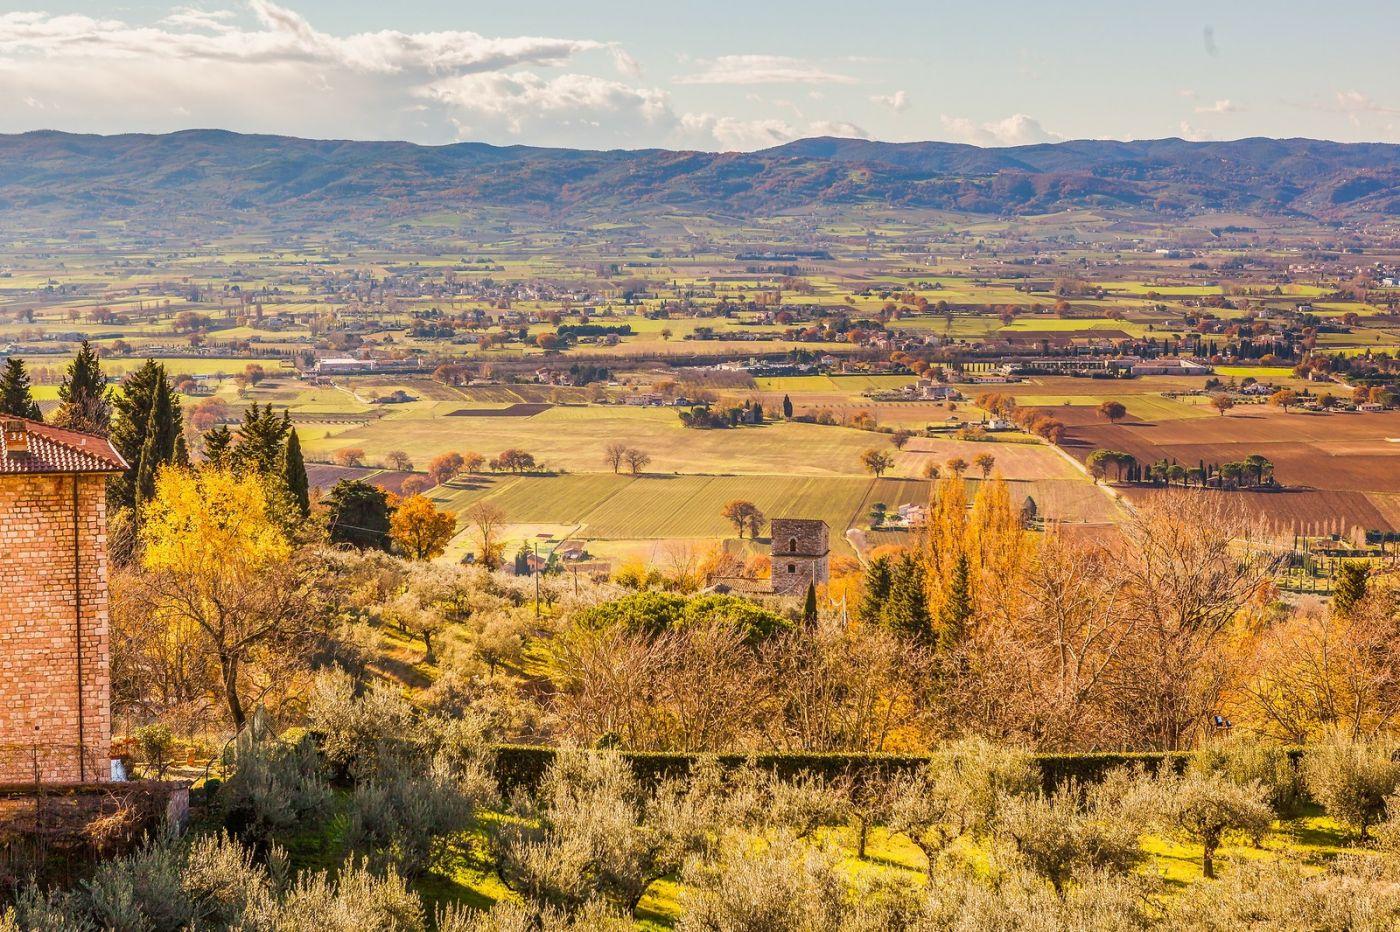 意大利阿西西(Assisi), 登高放眼_图1-19